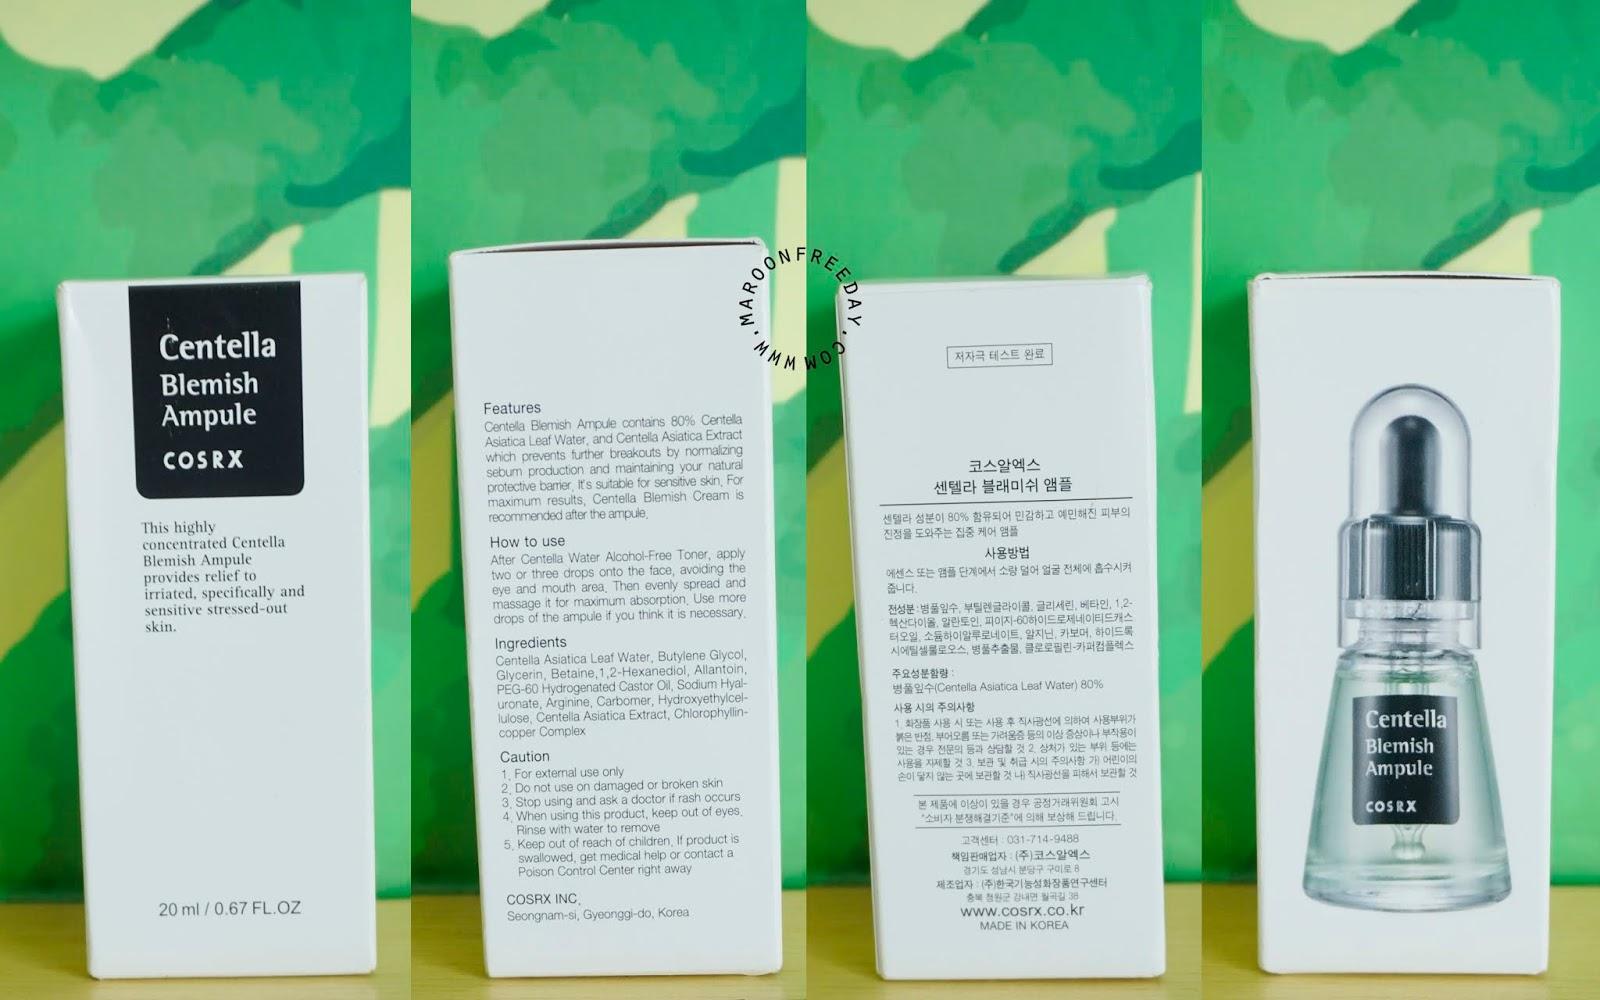 Packaging Cosrx Centella Blemish Ampule